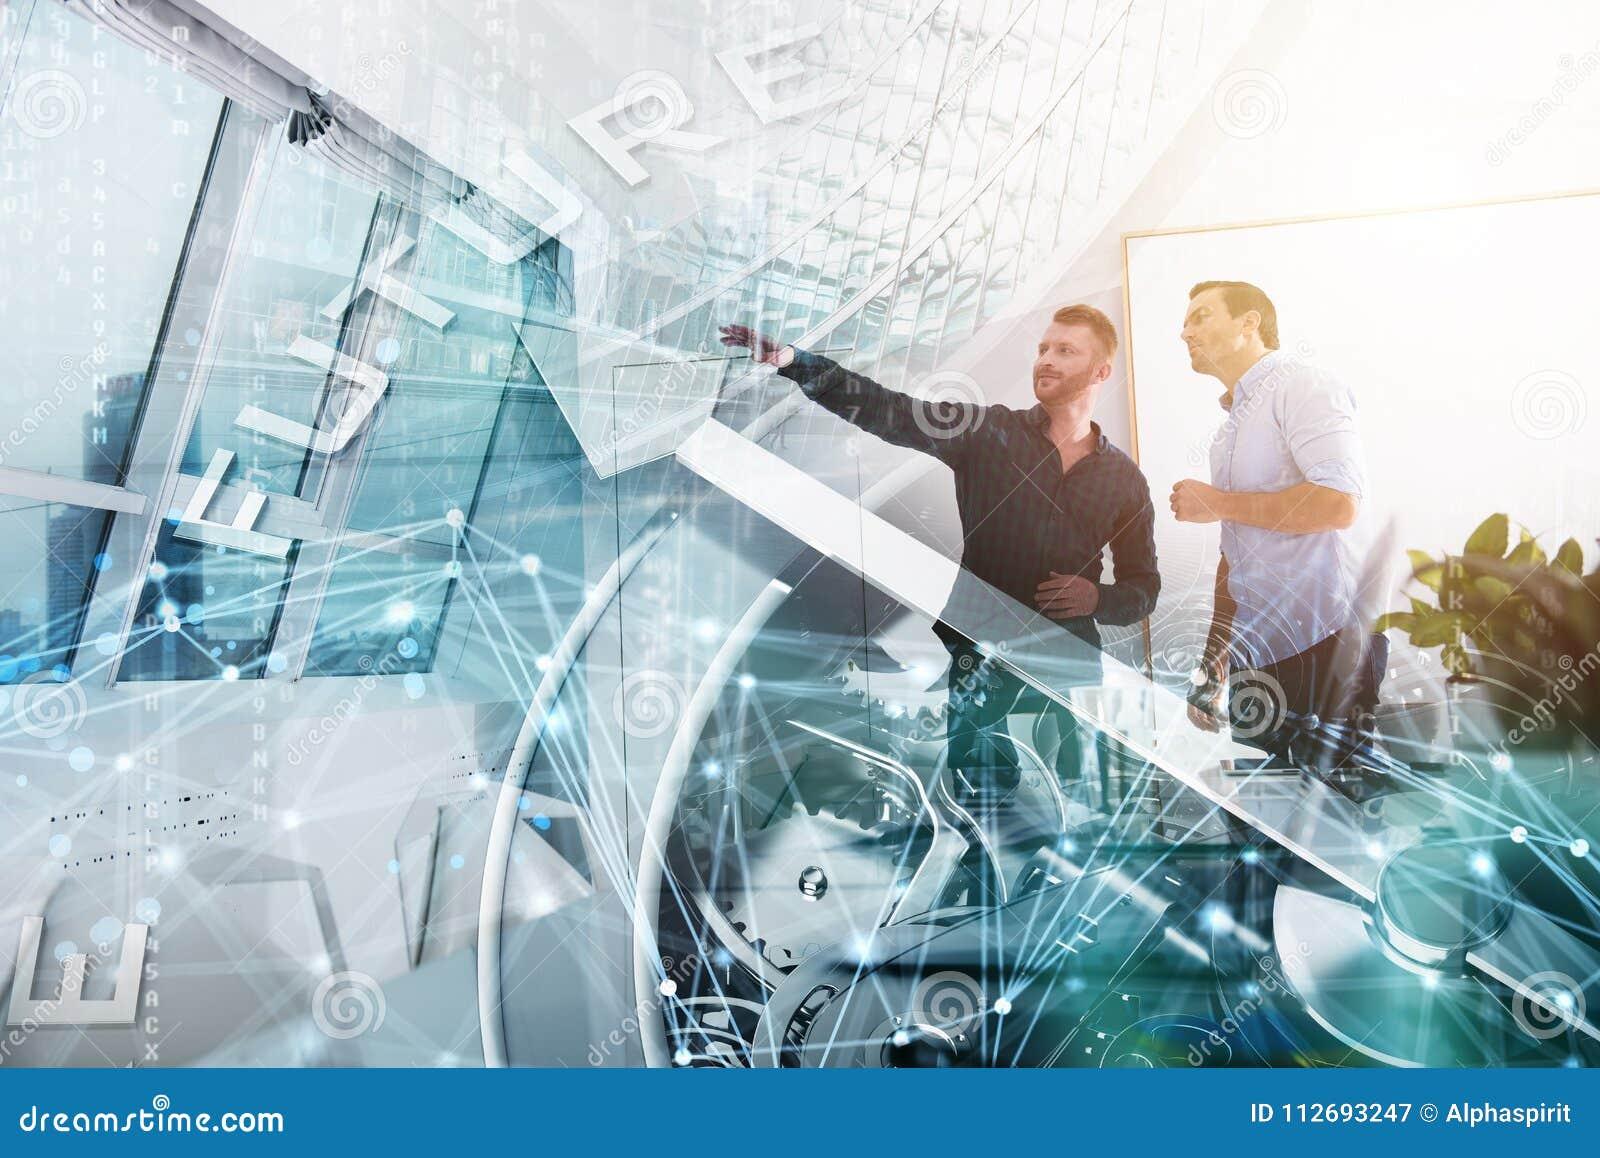 Ga uw bedrijf door het in de toekomst vooruit te leiden